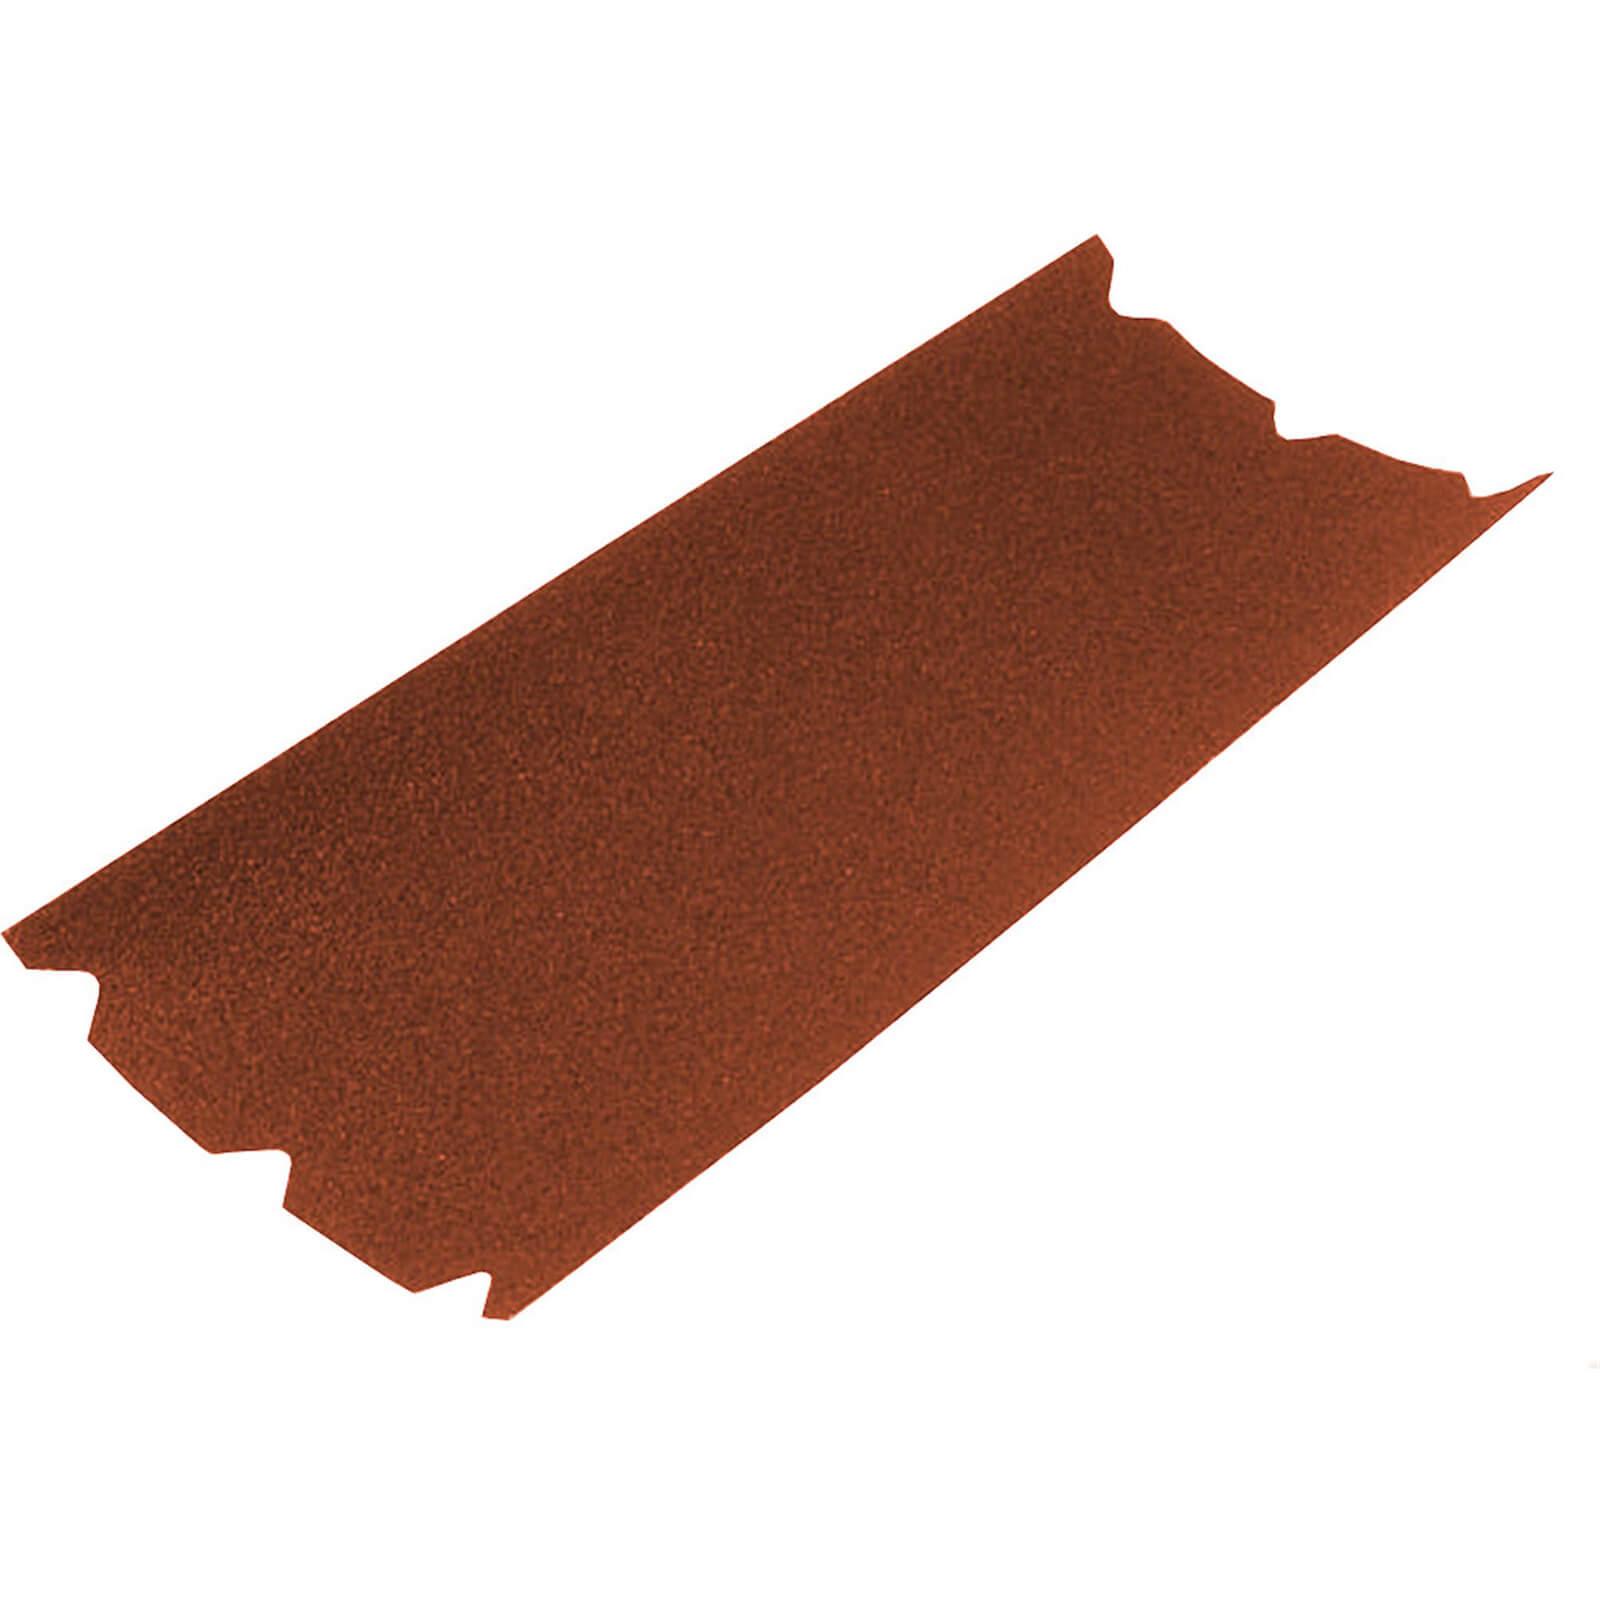 Image of Faithfull Floor Sanding Sheets 203mm x 475mm 24g Pack of 1